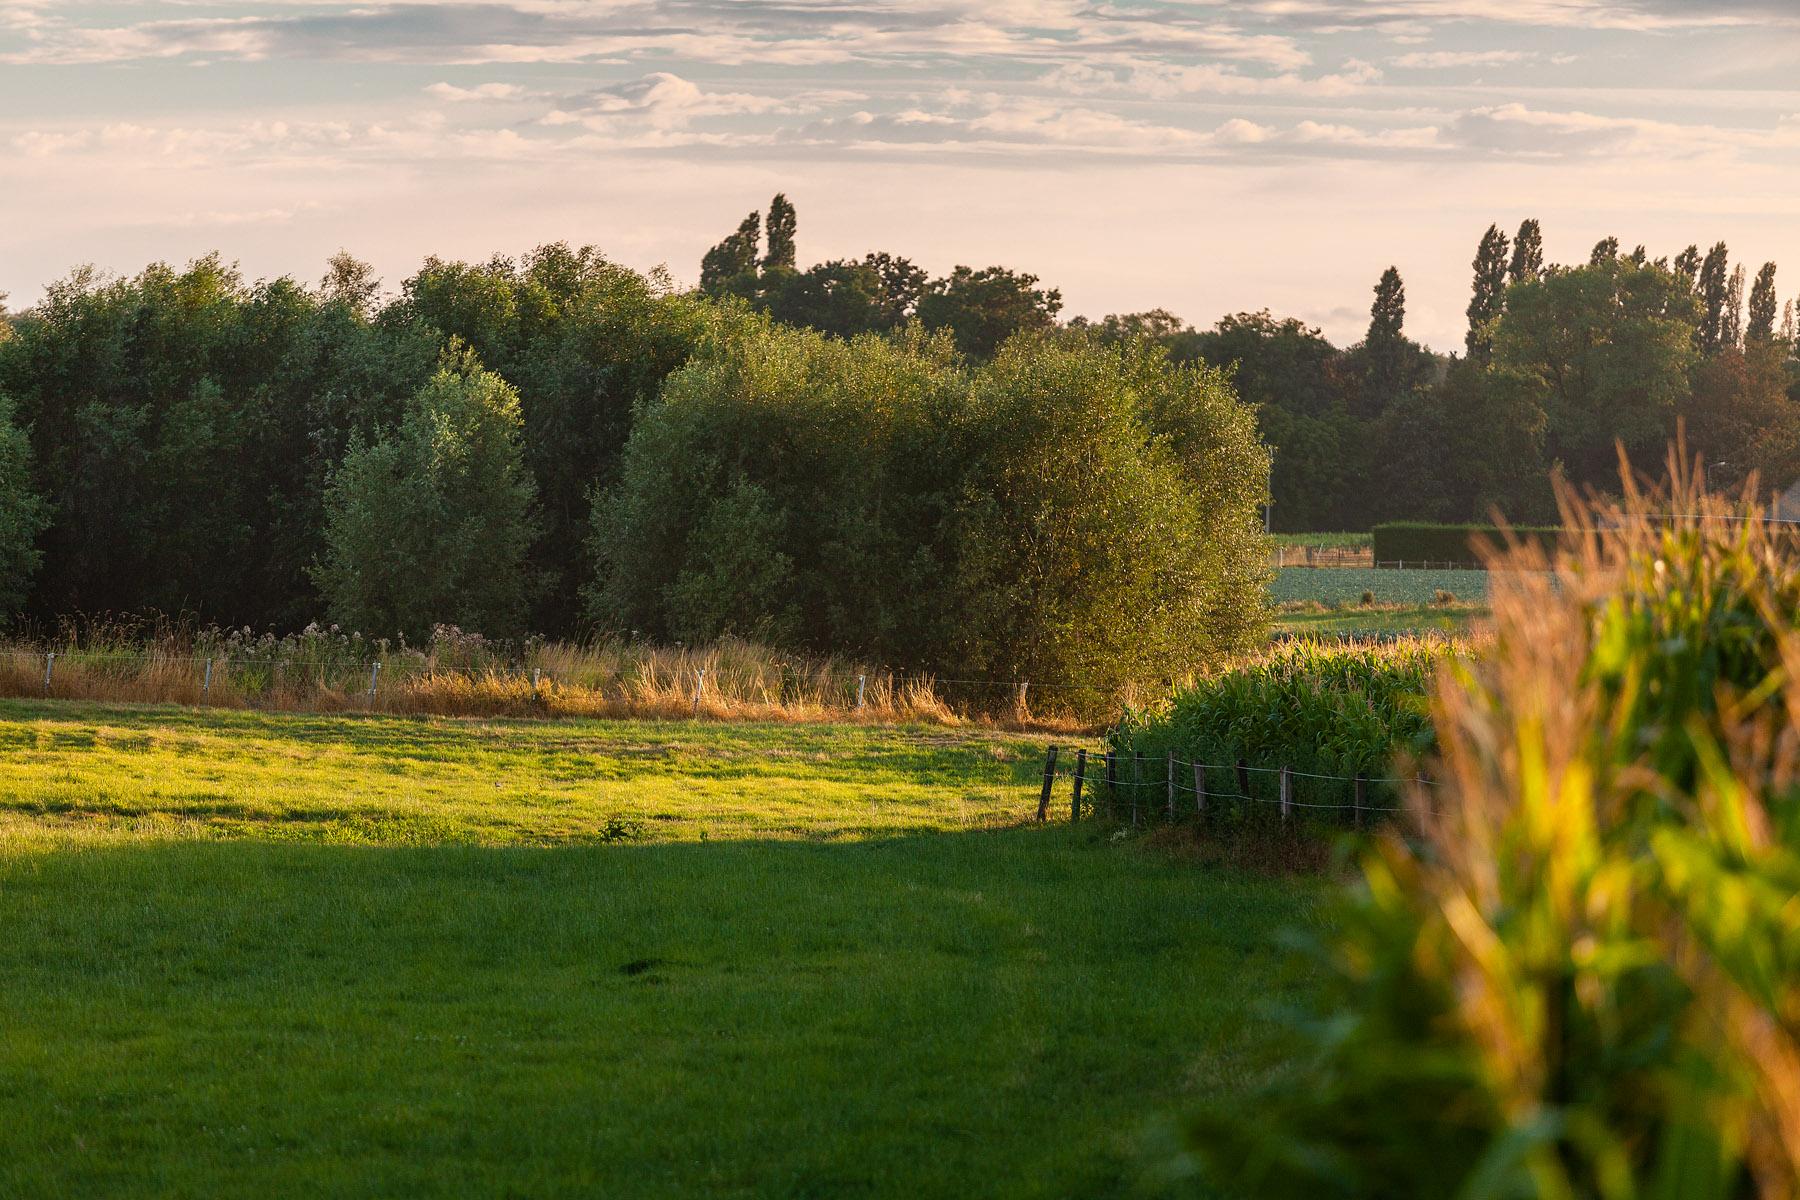 glenn vanderbeke, landschapsfotografie, landschapsfotograaf, foto uitstap, foto dagtrip, fotografische dagtrip, west-vlaamse fotografen, west-vlaamse fotograaf, Foto uitstap, Vlaanderen, West-Vlaanderen, Torhout, Wijnendale, fotografie uitstap, fotogafie Torhout, fotograaf Torhout, fotograaf Wijnendale, Zonnebloem, Zonnebloemveld